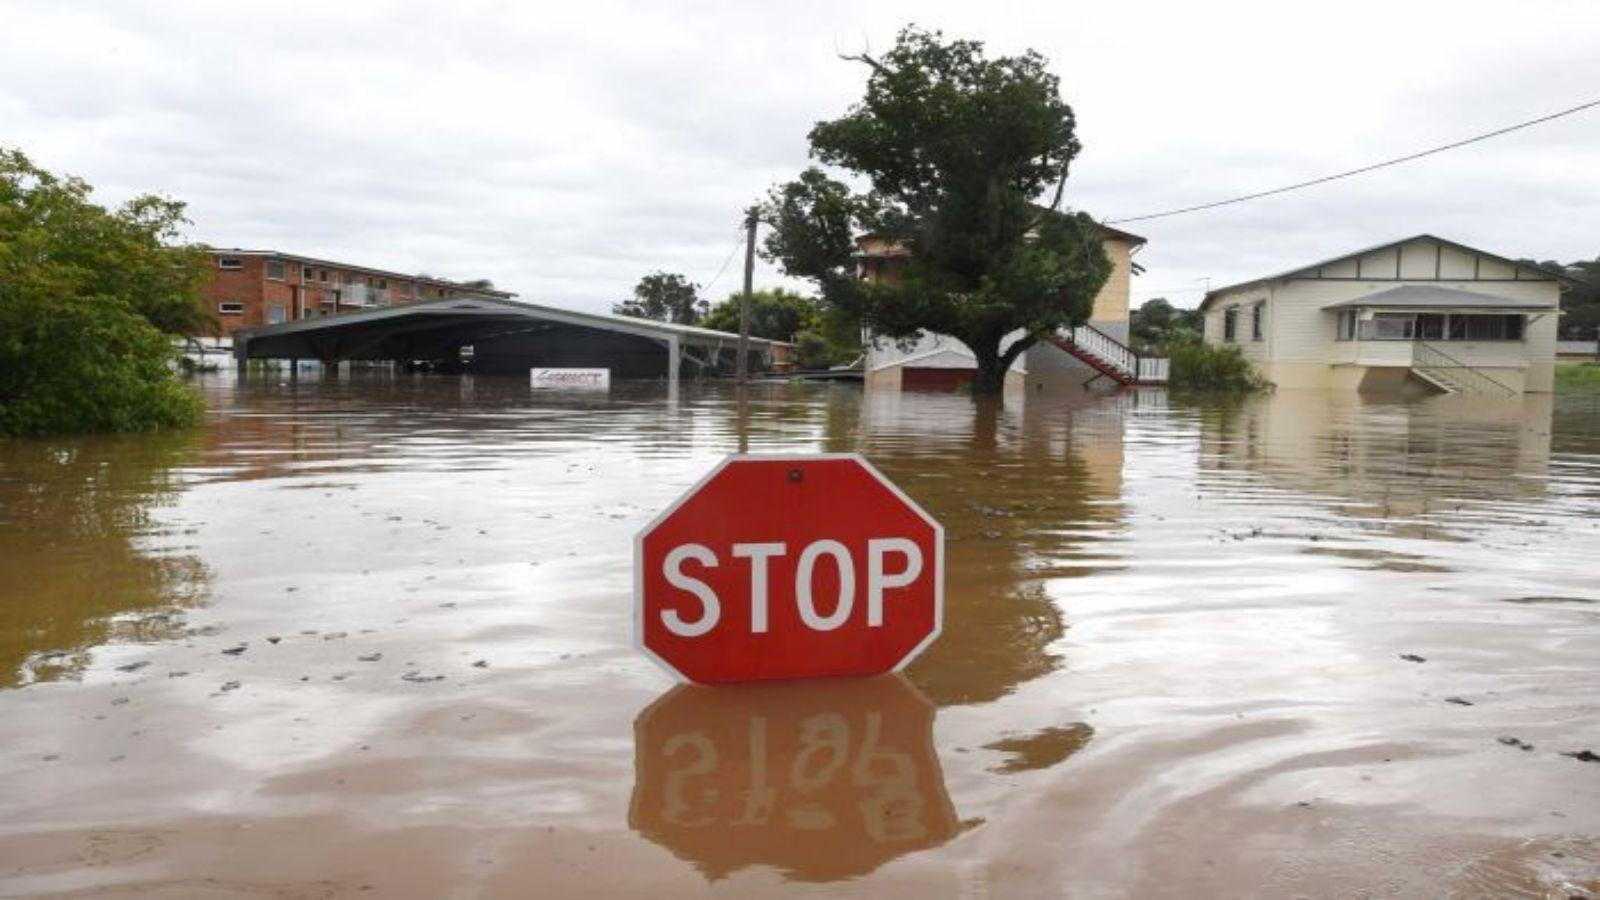 Avustralya'da sel felaketi: 18 bin kişi evini terk etmek zorunda kaldı